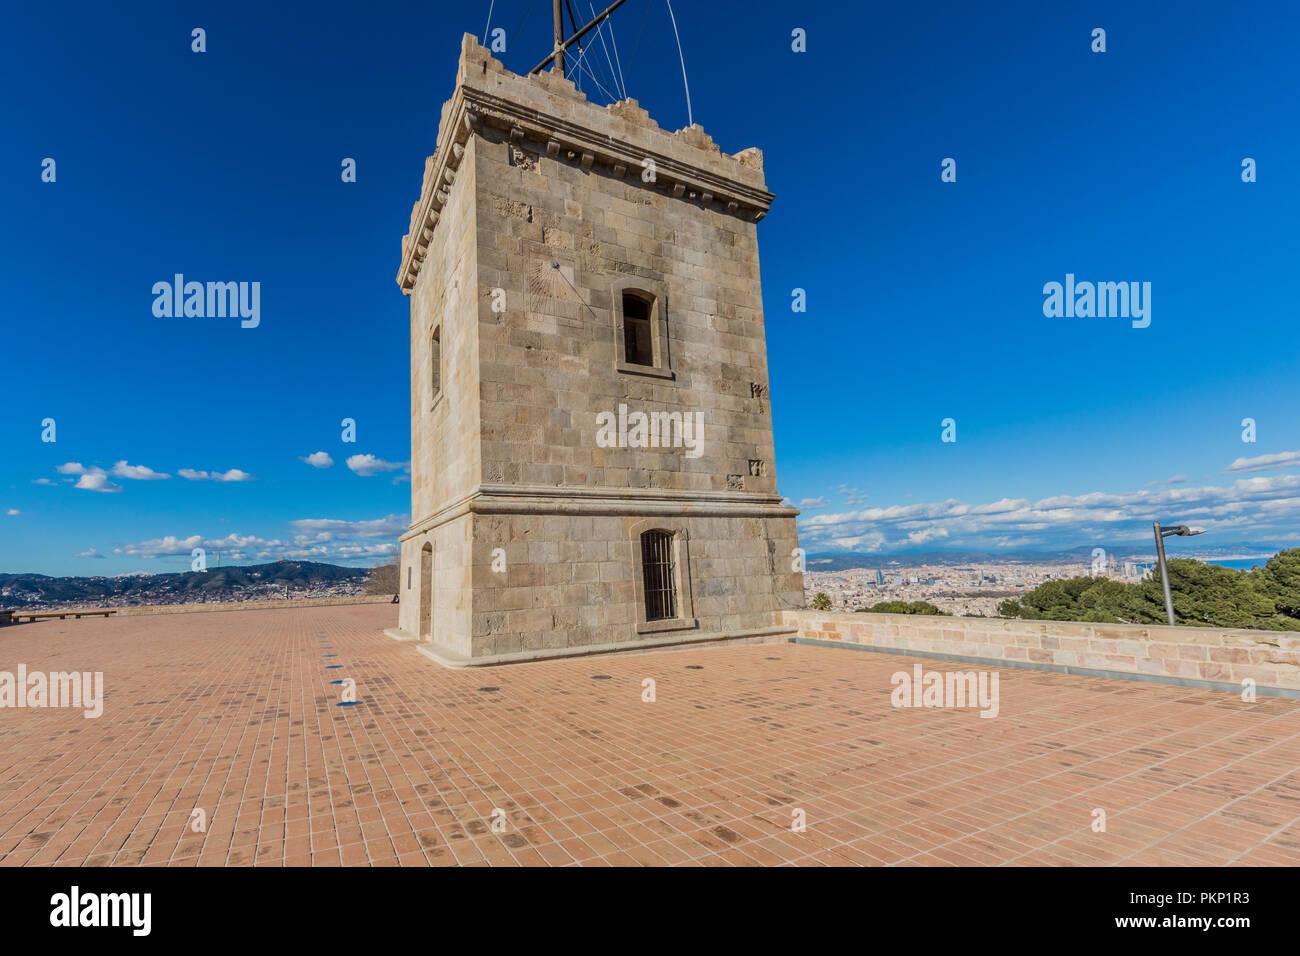 Una bellissima vista di una delle torri del castello di Montjuic a Barcellona Spagna Immagini Stock